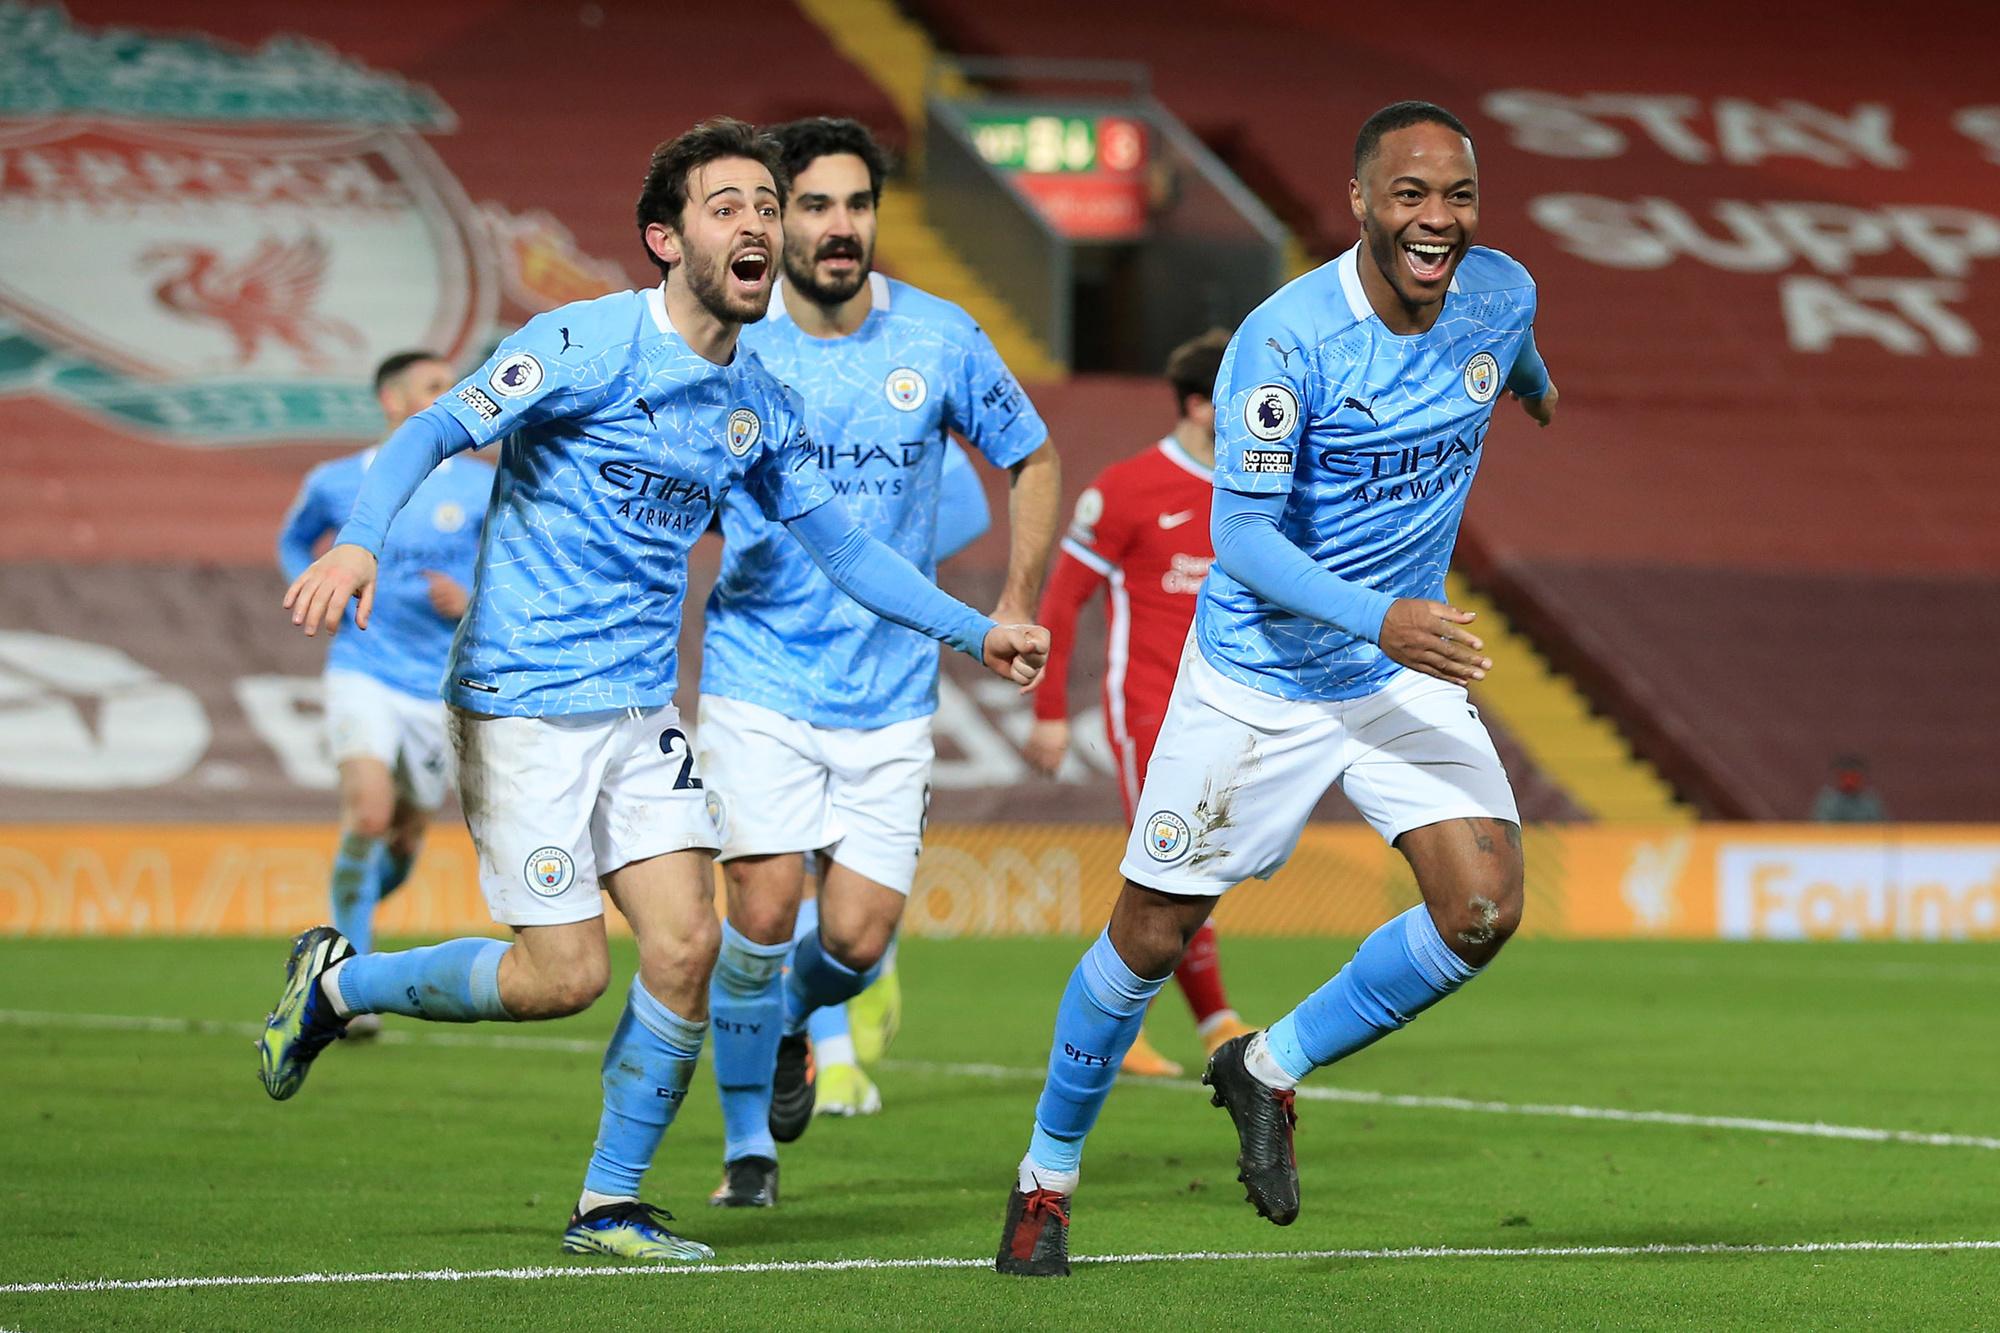 De zege van City op Liverpool was misschien wel het sleutelmoment in het kampioenschap van de Citizens, GETTY